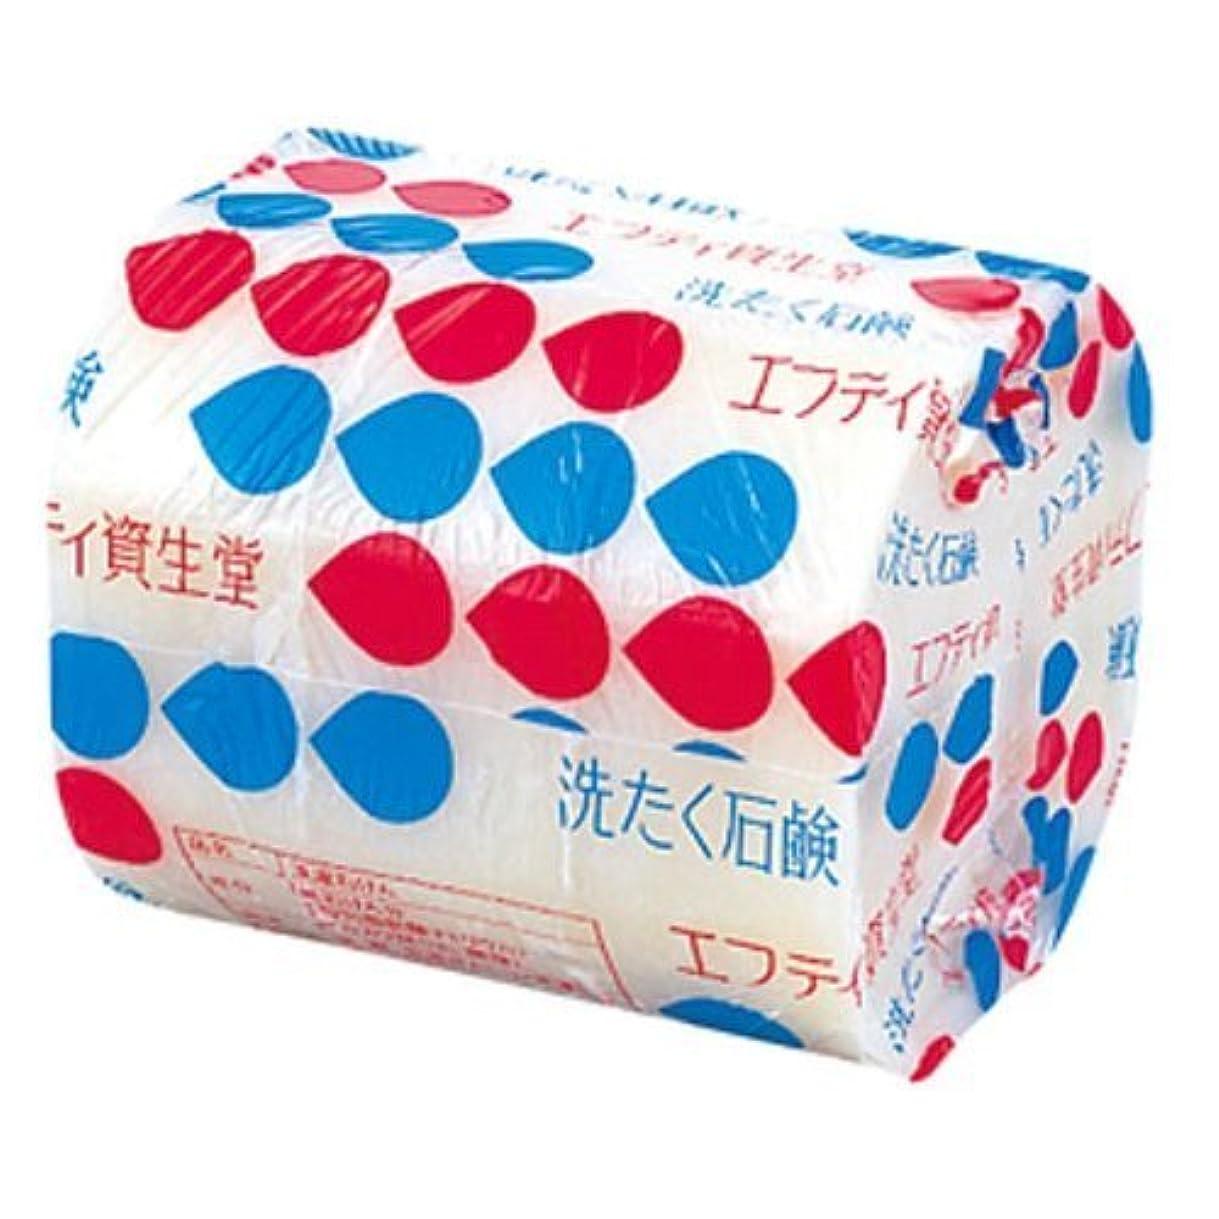 机含意スカイ【資生堂】エフティ資生堂洗たく石鹸花椿型3コパック200g